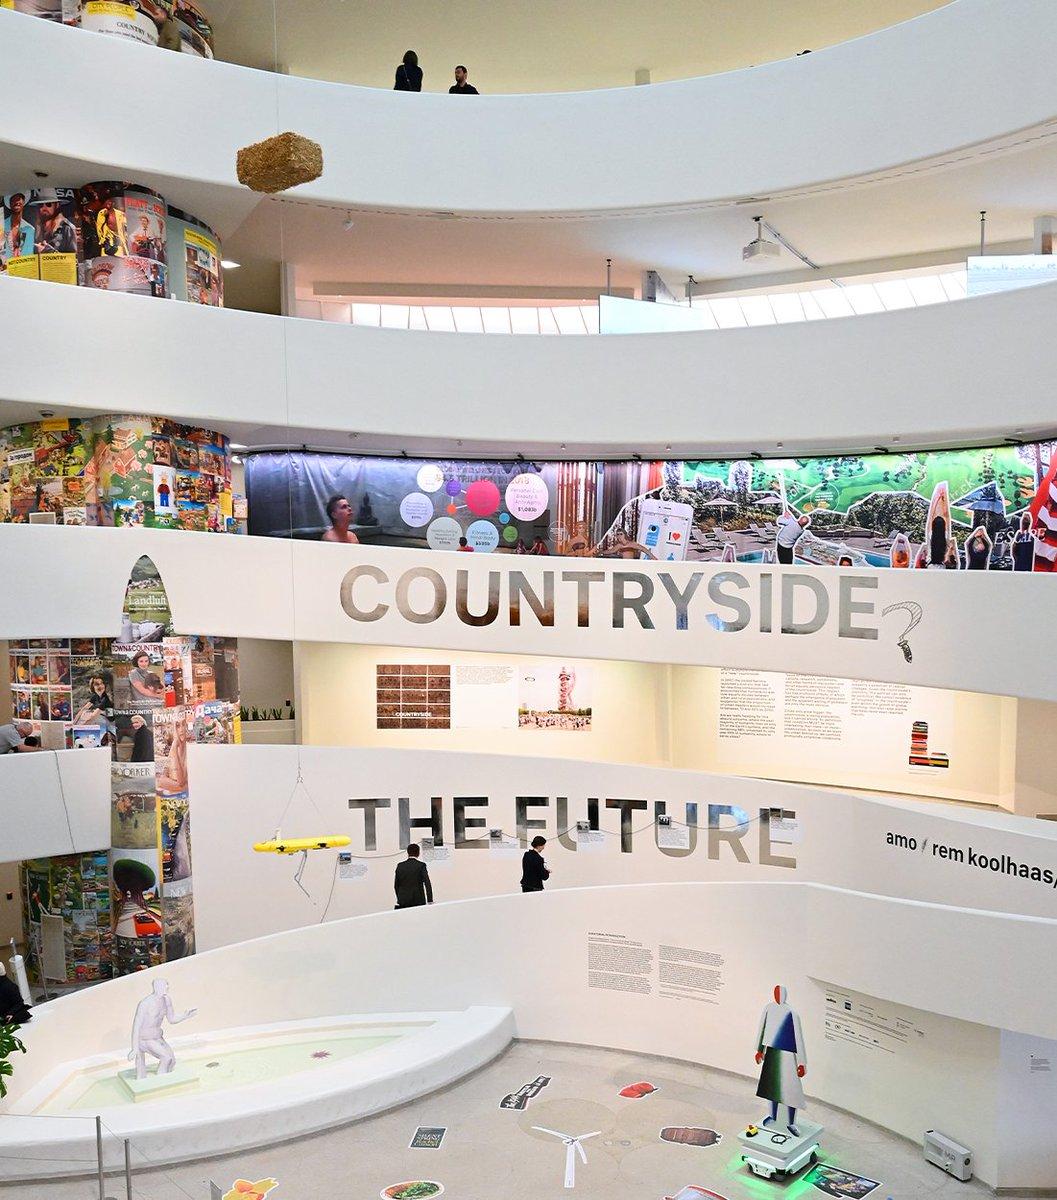 """""""Aver trovato nel @Guggenheim una controparte impegnata come noi nel costruire il futuro rende la nostra partnership ancora più significativa. Il nostro obiettivo è trarre ispirazione dall'arte e dalla cultura per affrontare le sfide di domani."""" Francesca Lavazza. pic.twitter.com/vrPe9moNmF"""